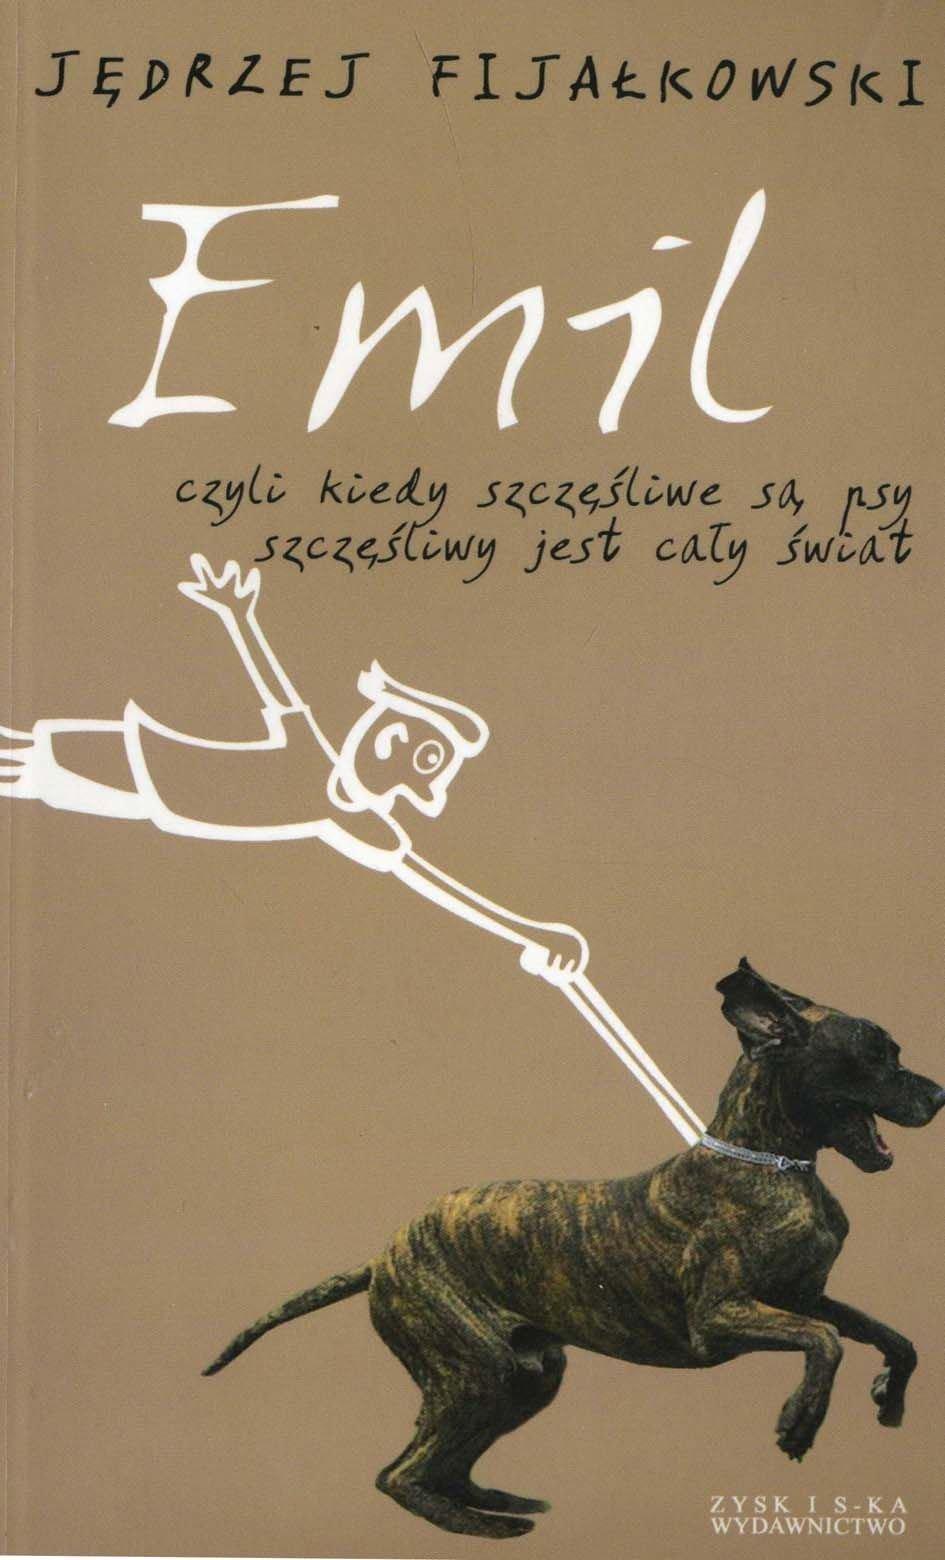 Emil, czyli kiedy szczęśliwe są psy, szczęśliwy jest cały świat - Ebook (Książka na Kindle) do pobrania w formacie MOBI